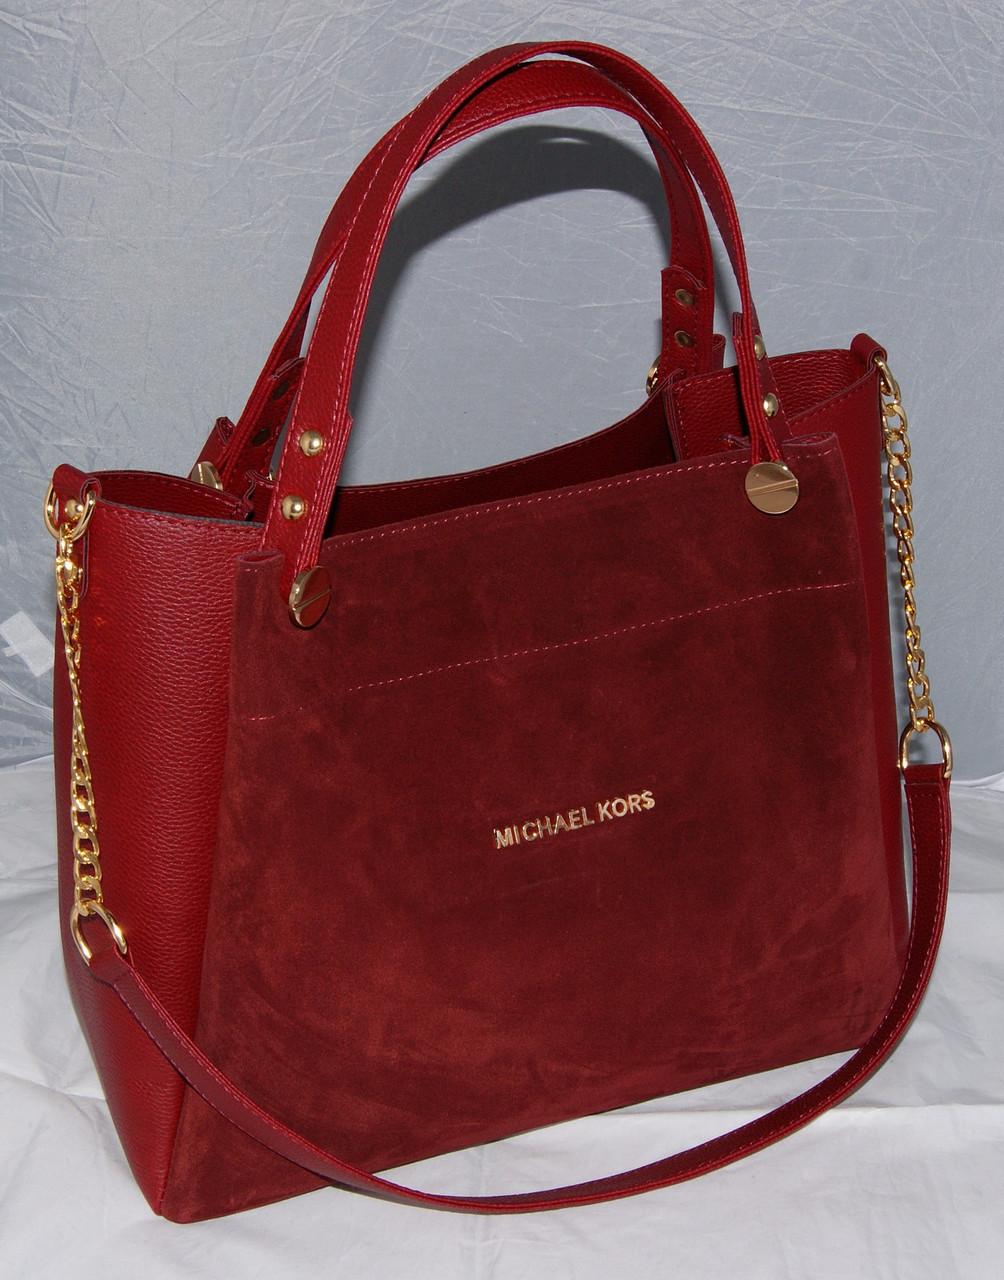 c8ae9220a96f Женская замшевая сумка Michael Kors, цвет марсала Майкл Корс MK ...